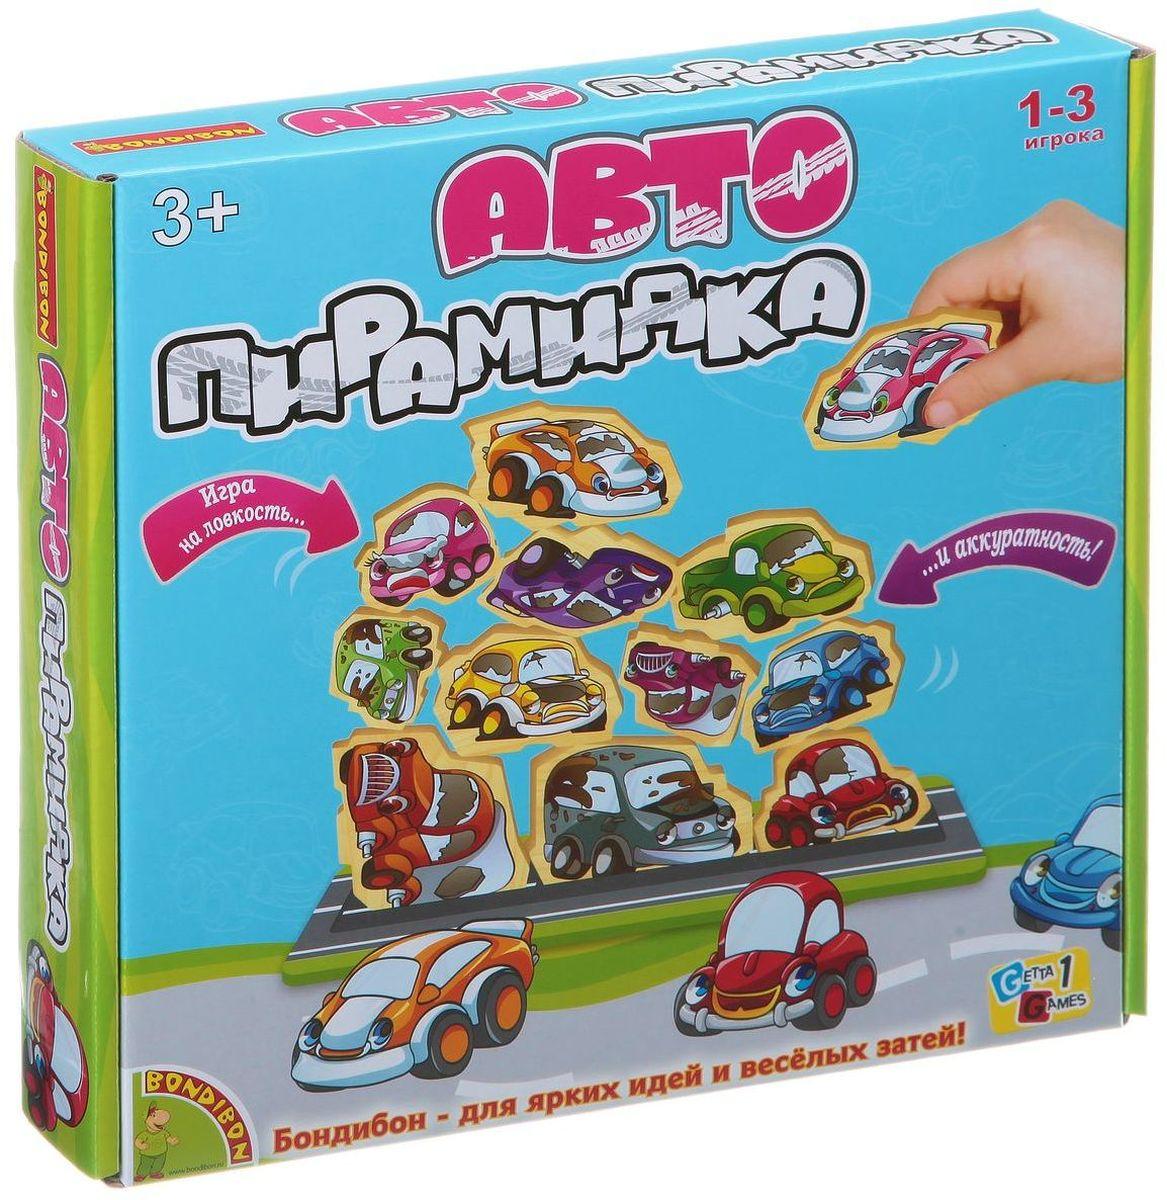 Bondibon Развивающая игра АвтопирамидкаВВ1449Игры-пирамидки бывают разные: в одних предстоит пирамиду строить, а в других – разрушать. В игре Bondibon Автопирамидка, предназначенной для самых маленьких ребят, необходимо составлять детали, имеющие вид разноцветных автомобильчиков, в пирамидку. Победителем является тот, кто первым поместит последнюю свою деталь на сложенной пирамидке так, чтобы на поле не упала ни одна деталь. Если при выполнении задания на поле падает хотя бы одна деталь, то ход переходит другому к другому игроку. Уронивший должен забрать все упавшие детали себе. Эта игра станет прекрасным развлечением для детей, а также поможет в развитии координации движений и мелкой моторики.